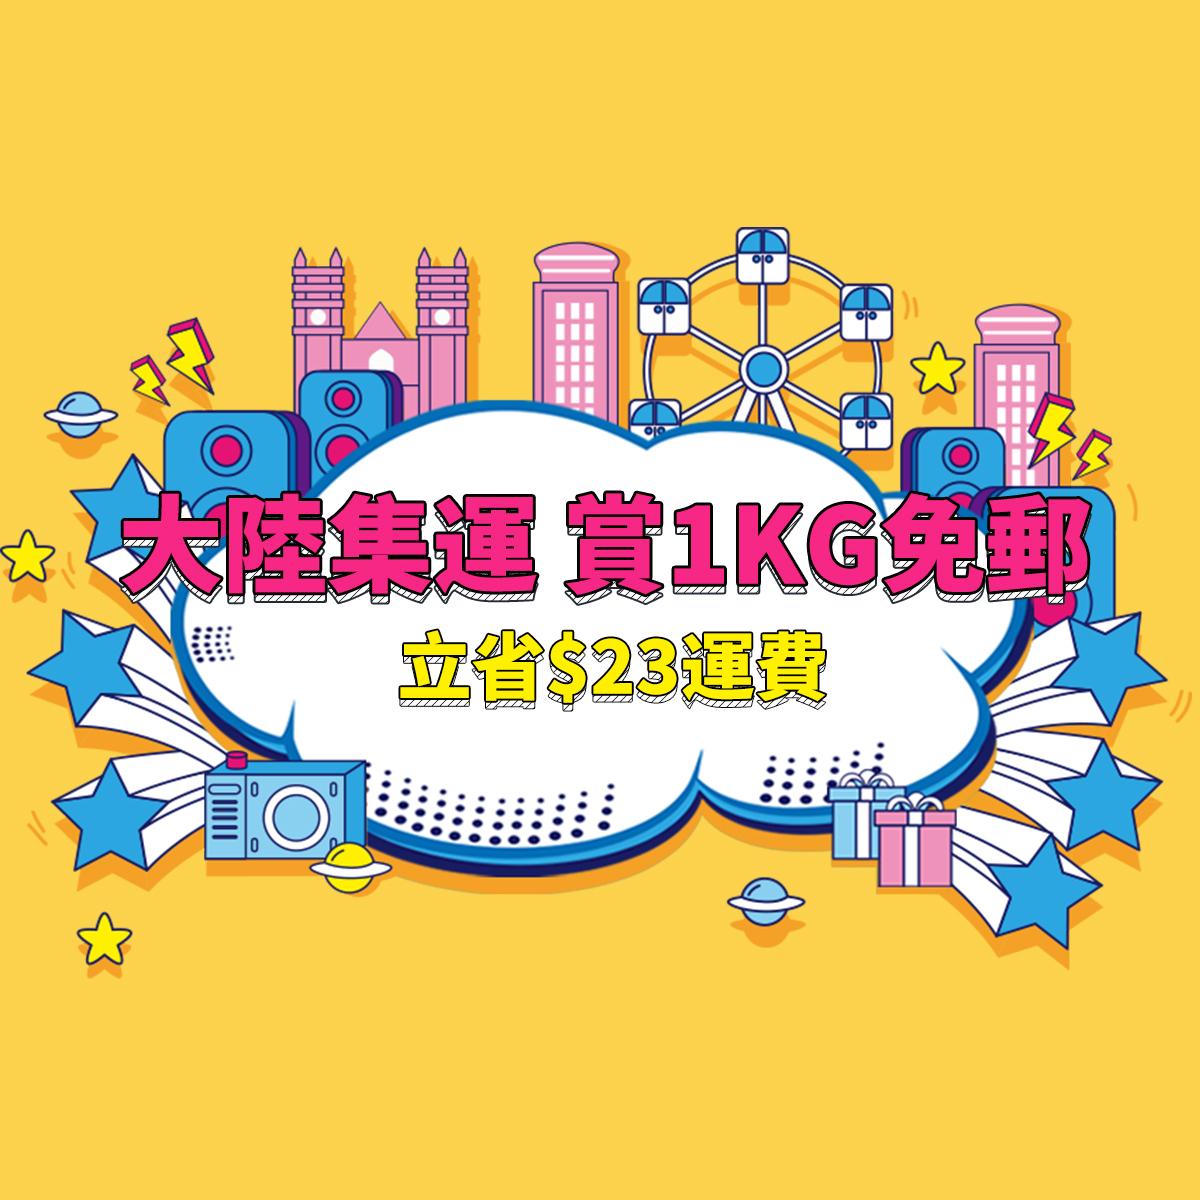 新客註冊,賞大陸至香港1KG運費減免